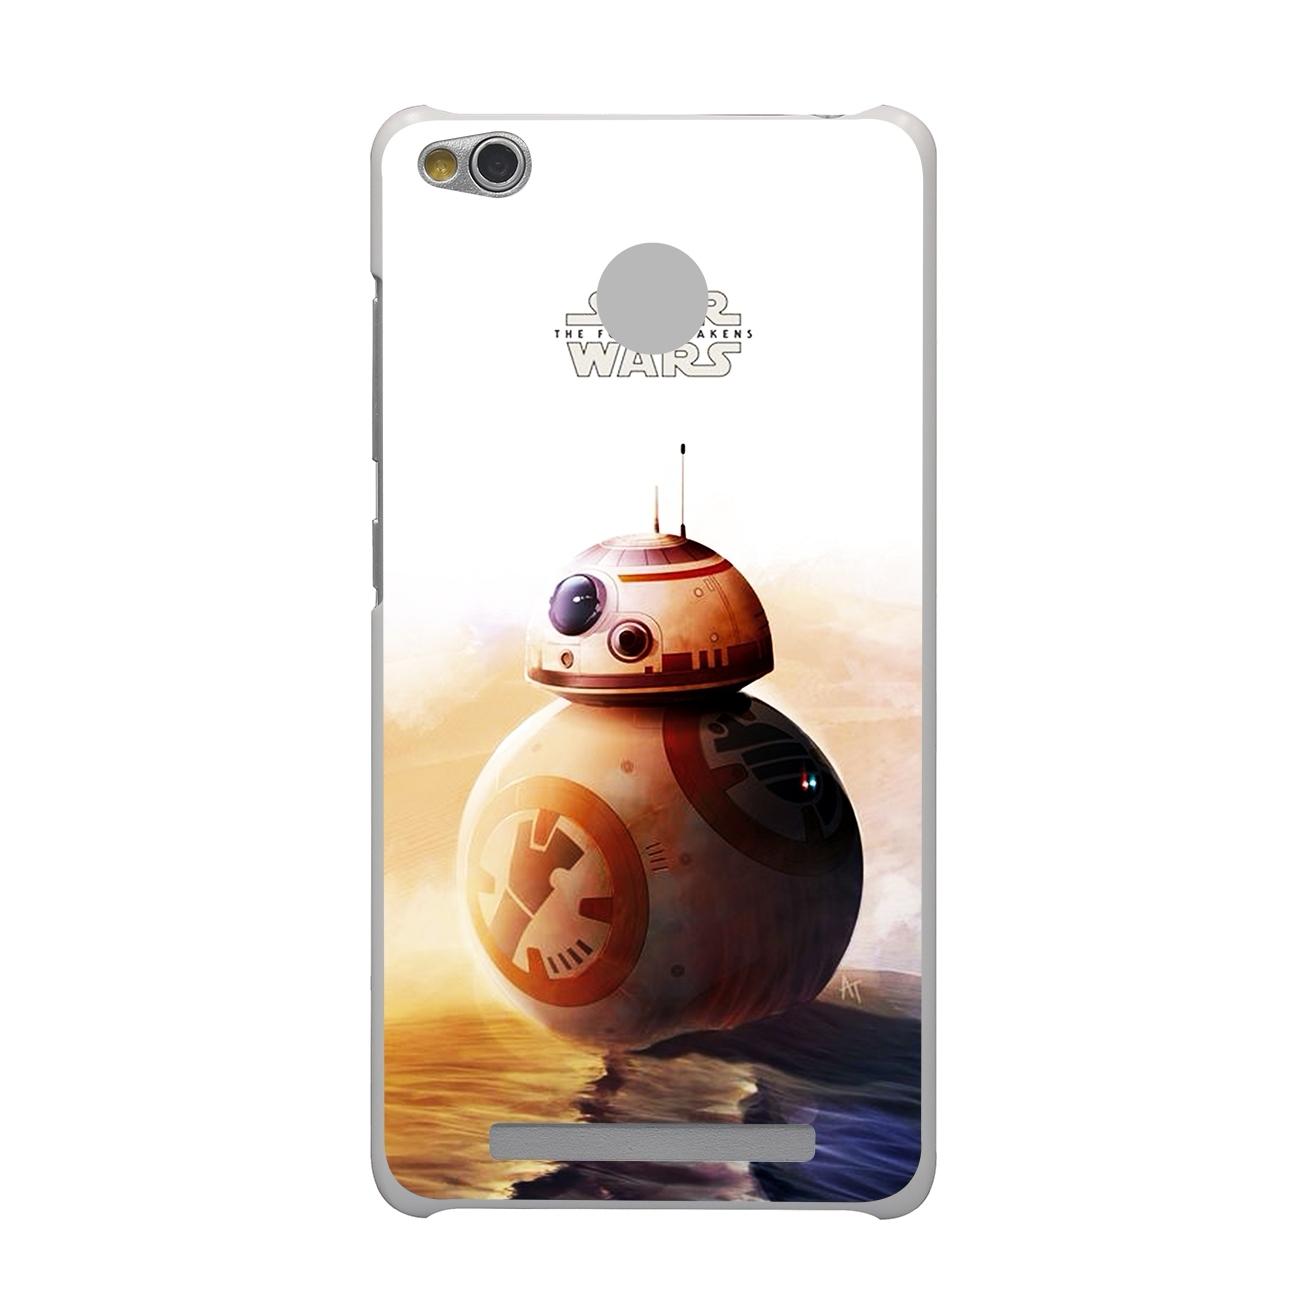 Star Wars Case For Xiaomi Mi 6 5 5s Plus Redmi 3 3s 4 Pro